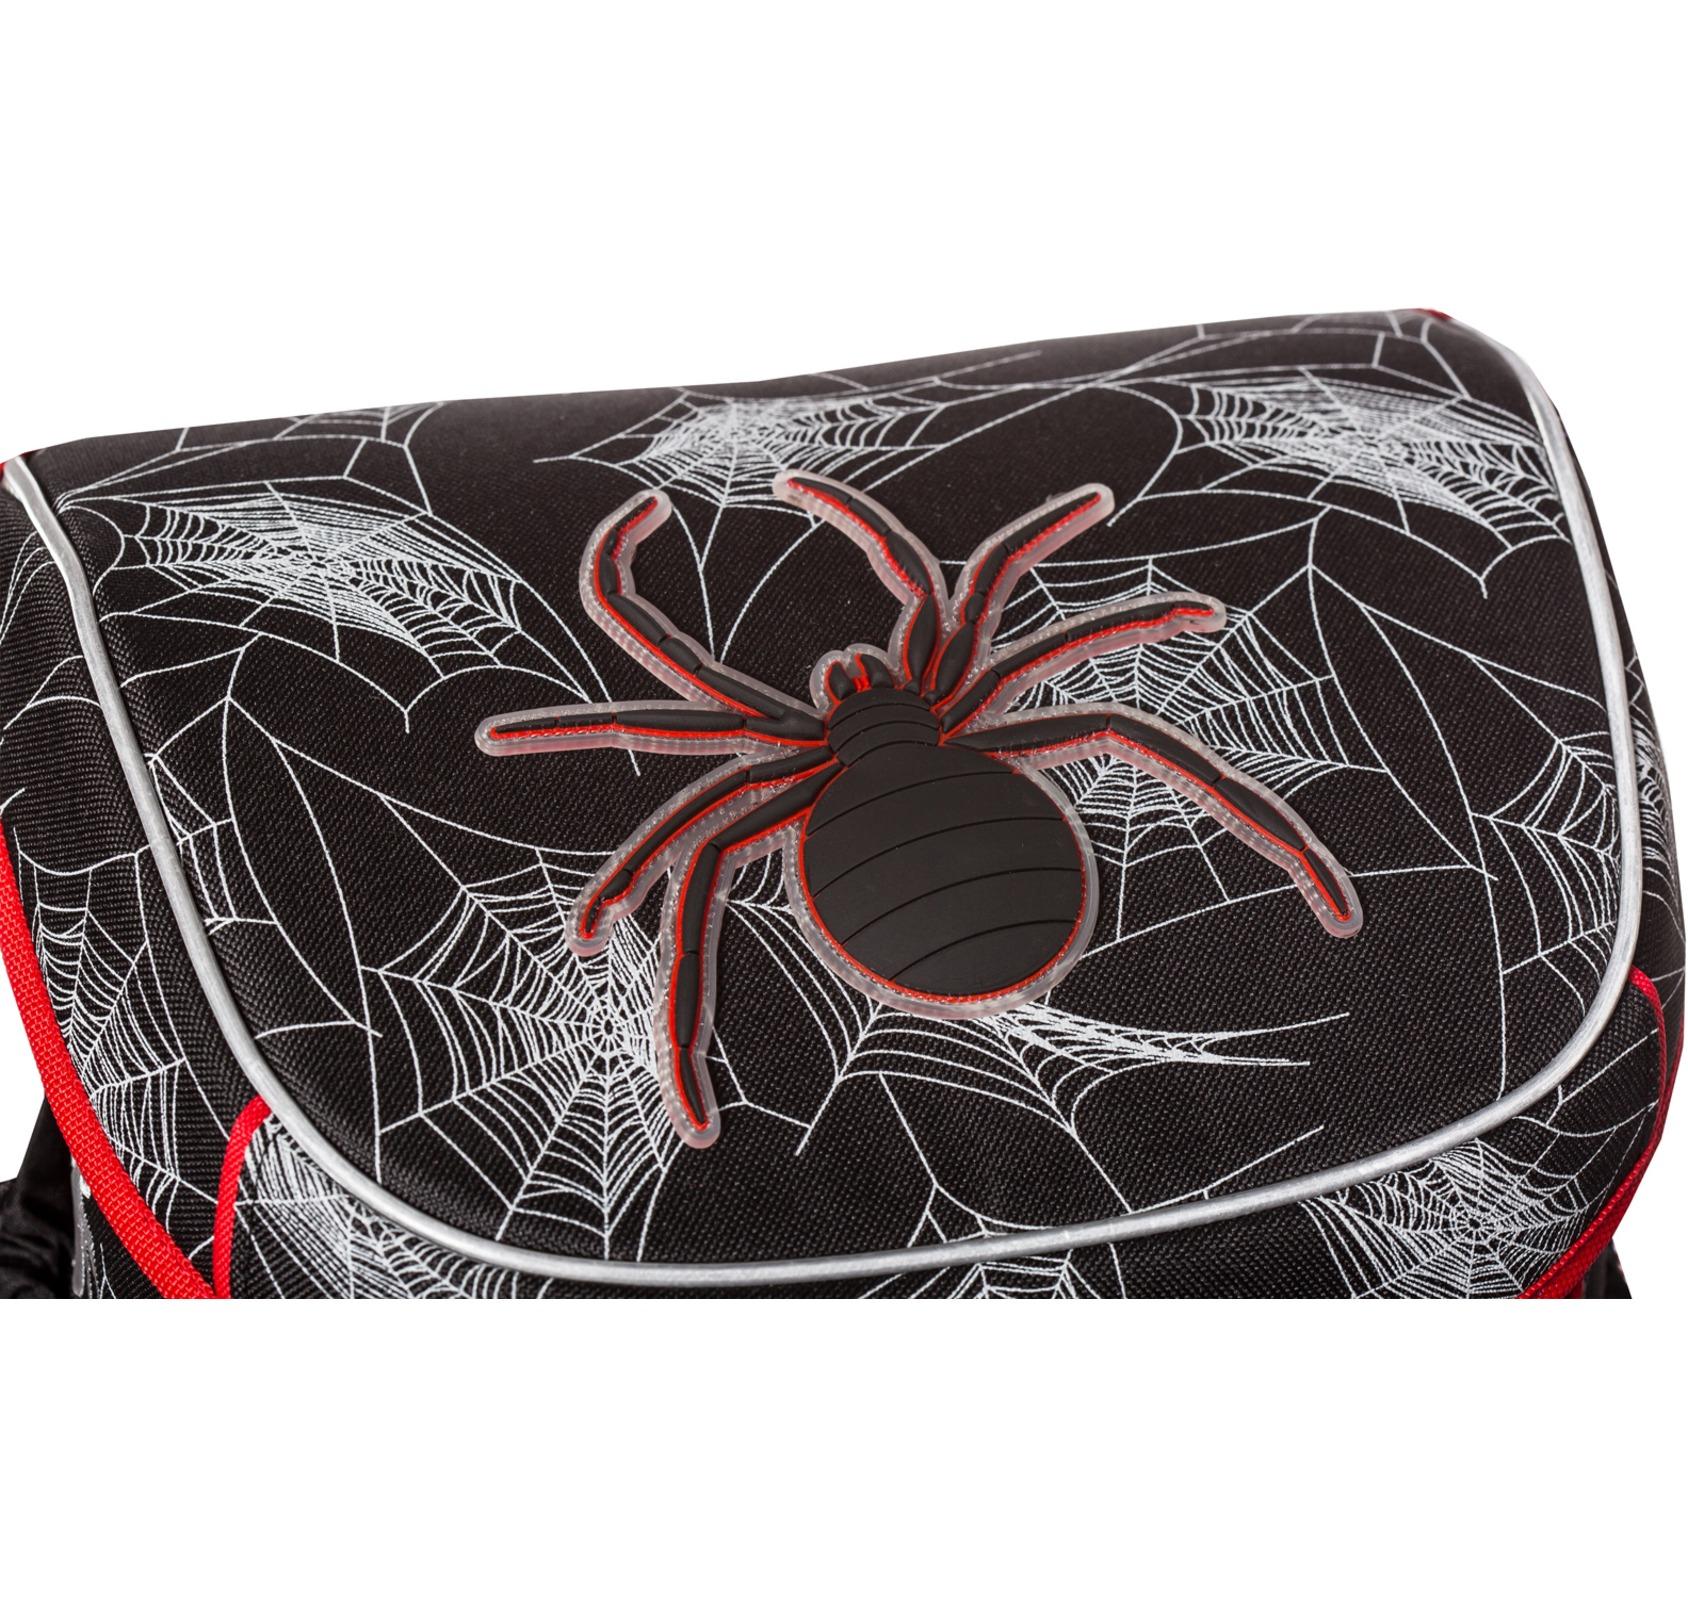 Ранец Belmil 405-33/422 MINI-FIT SPIDERS, - фото 3